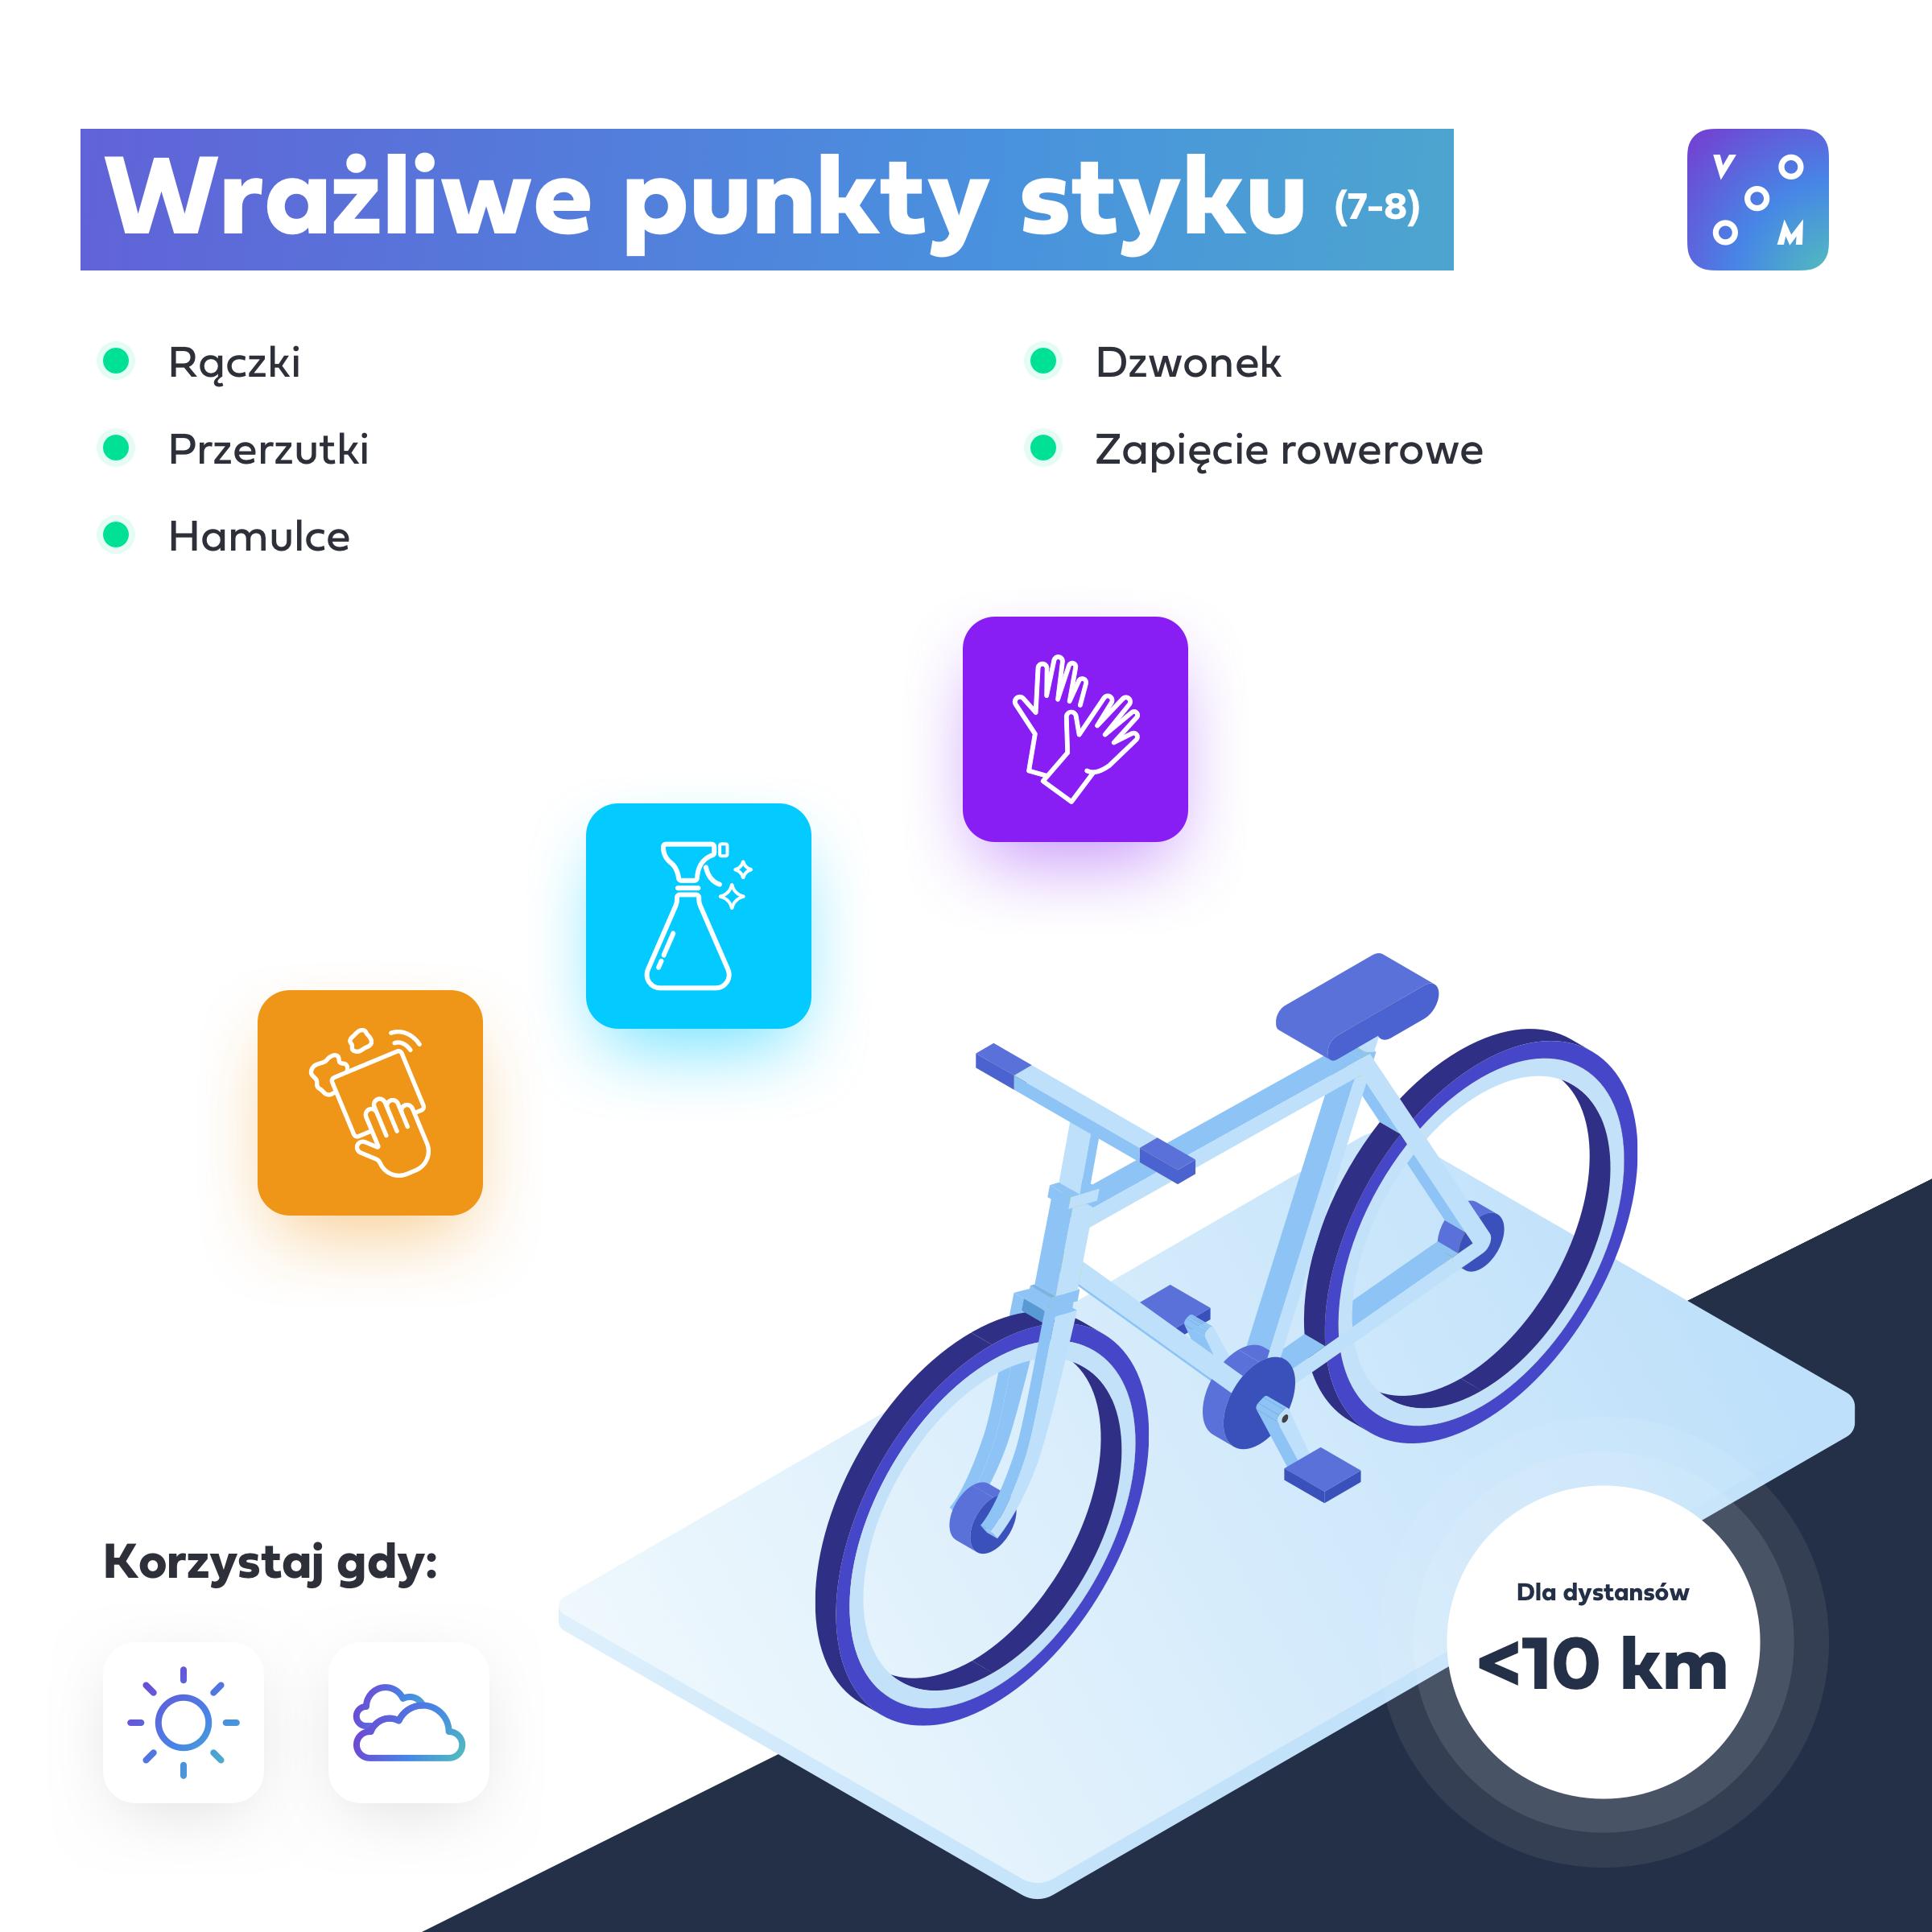 infografika rower - wrażliwe punkty styku